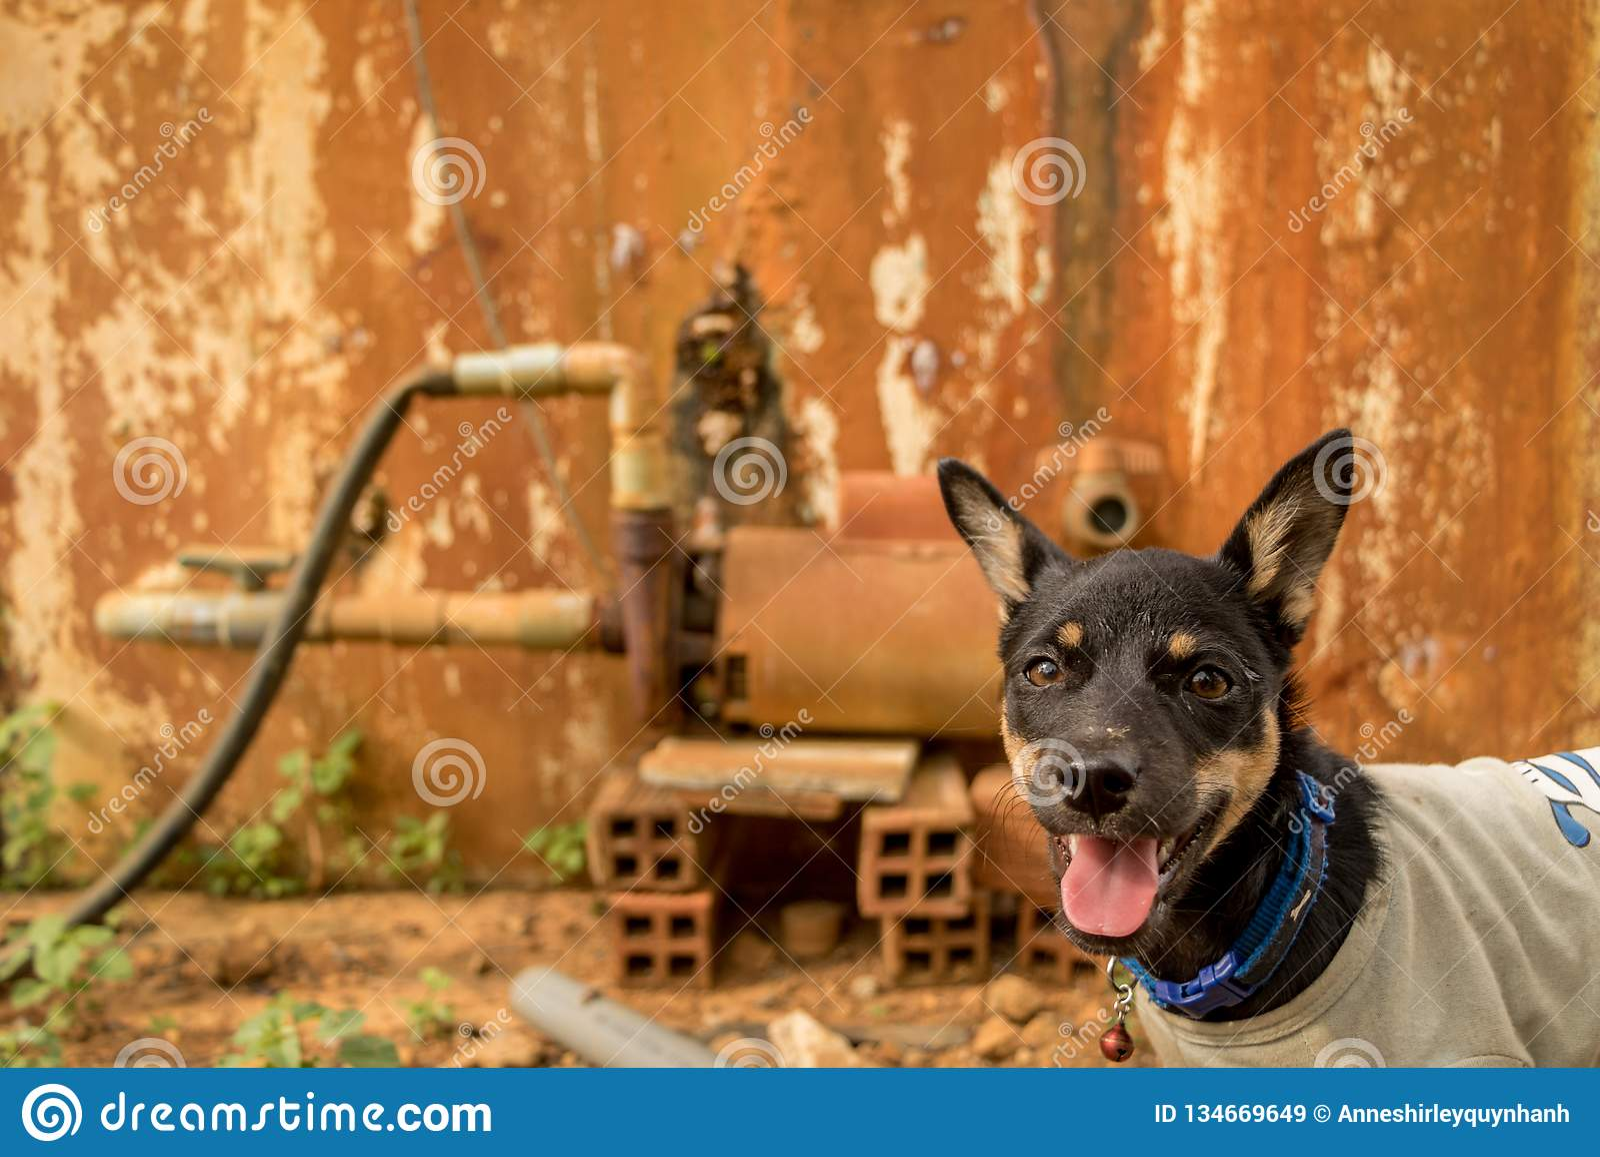 Ευτυχής λίγο κουτάβι με το σκυλί γλωσσών έξω - Pet που φορά την μπλούζα - με το περίεργο πρόσωπο - εκλεκτής ποιότητας ζωηρόχρωμο